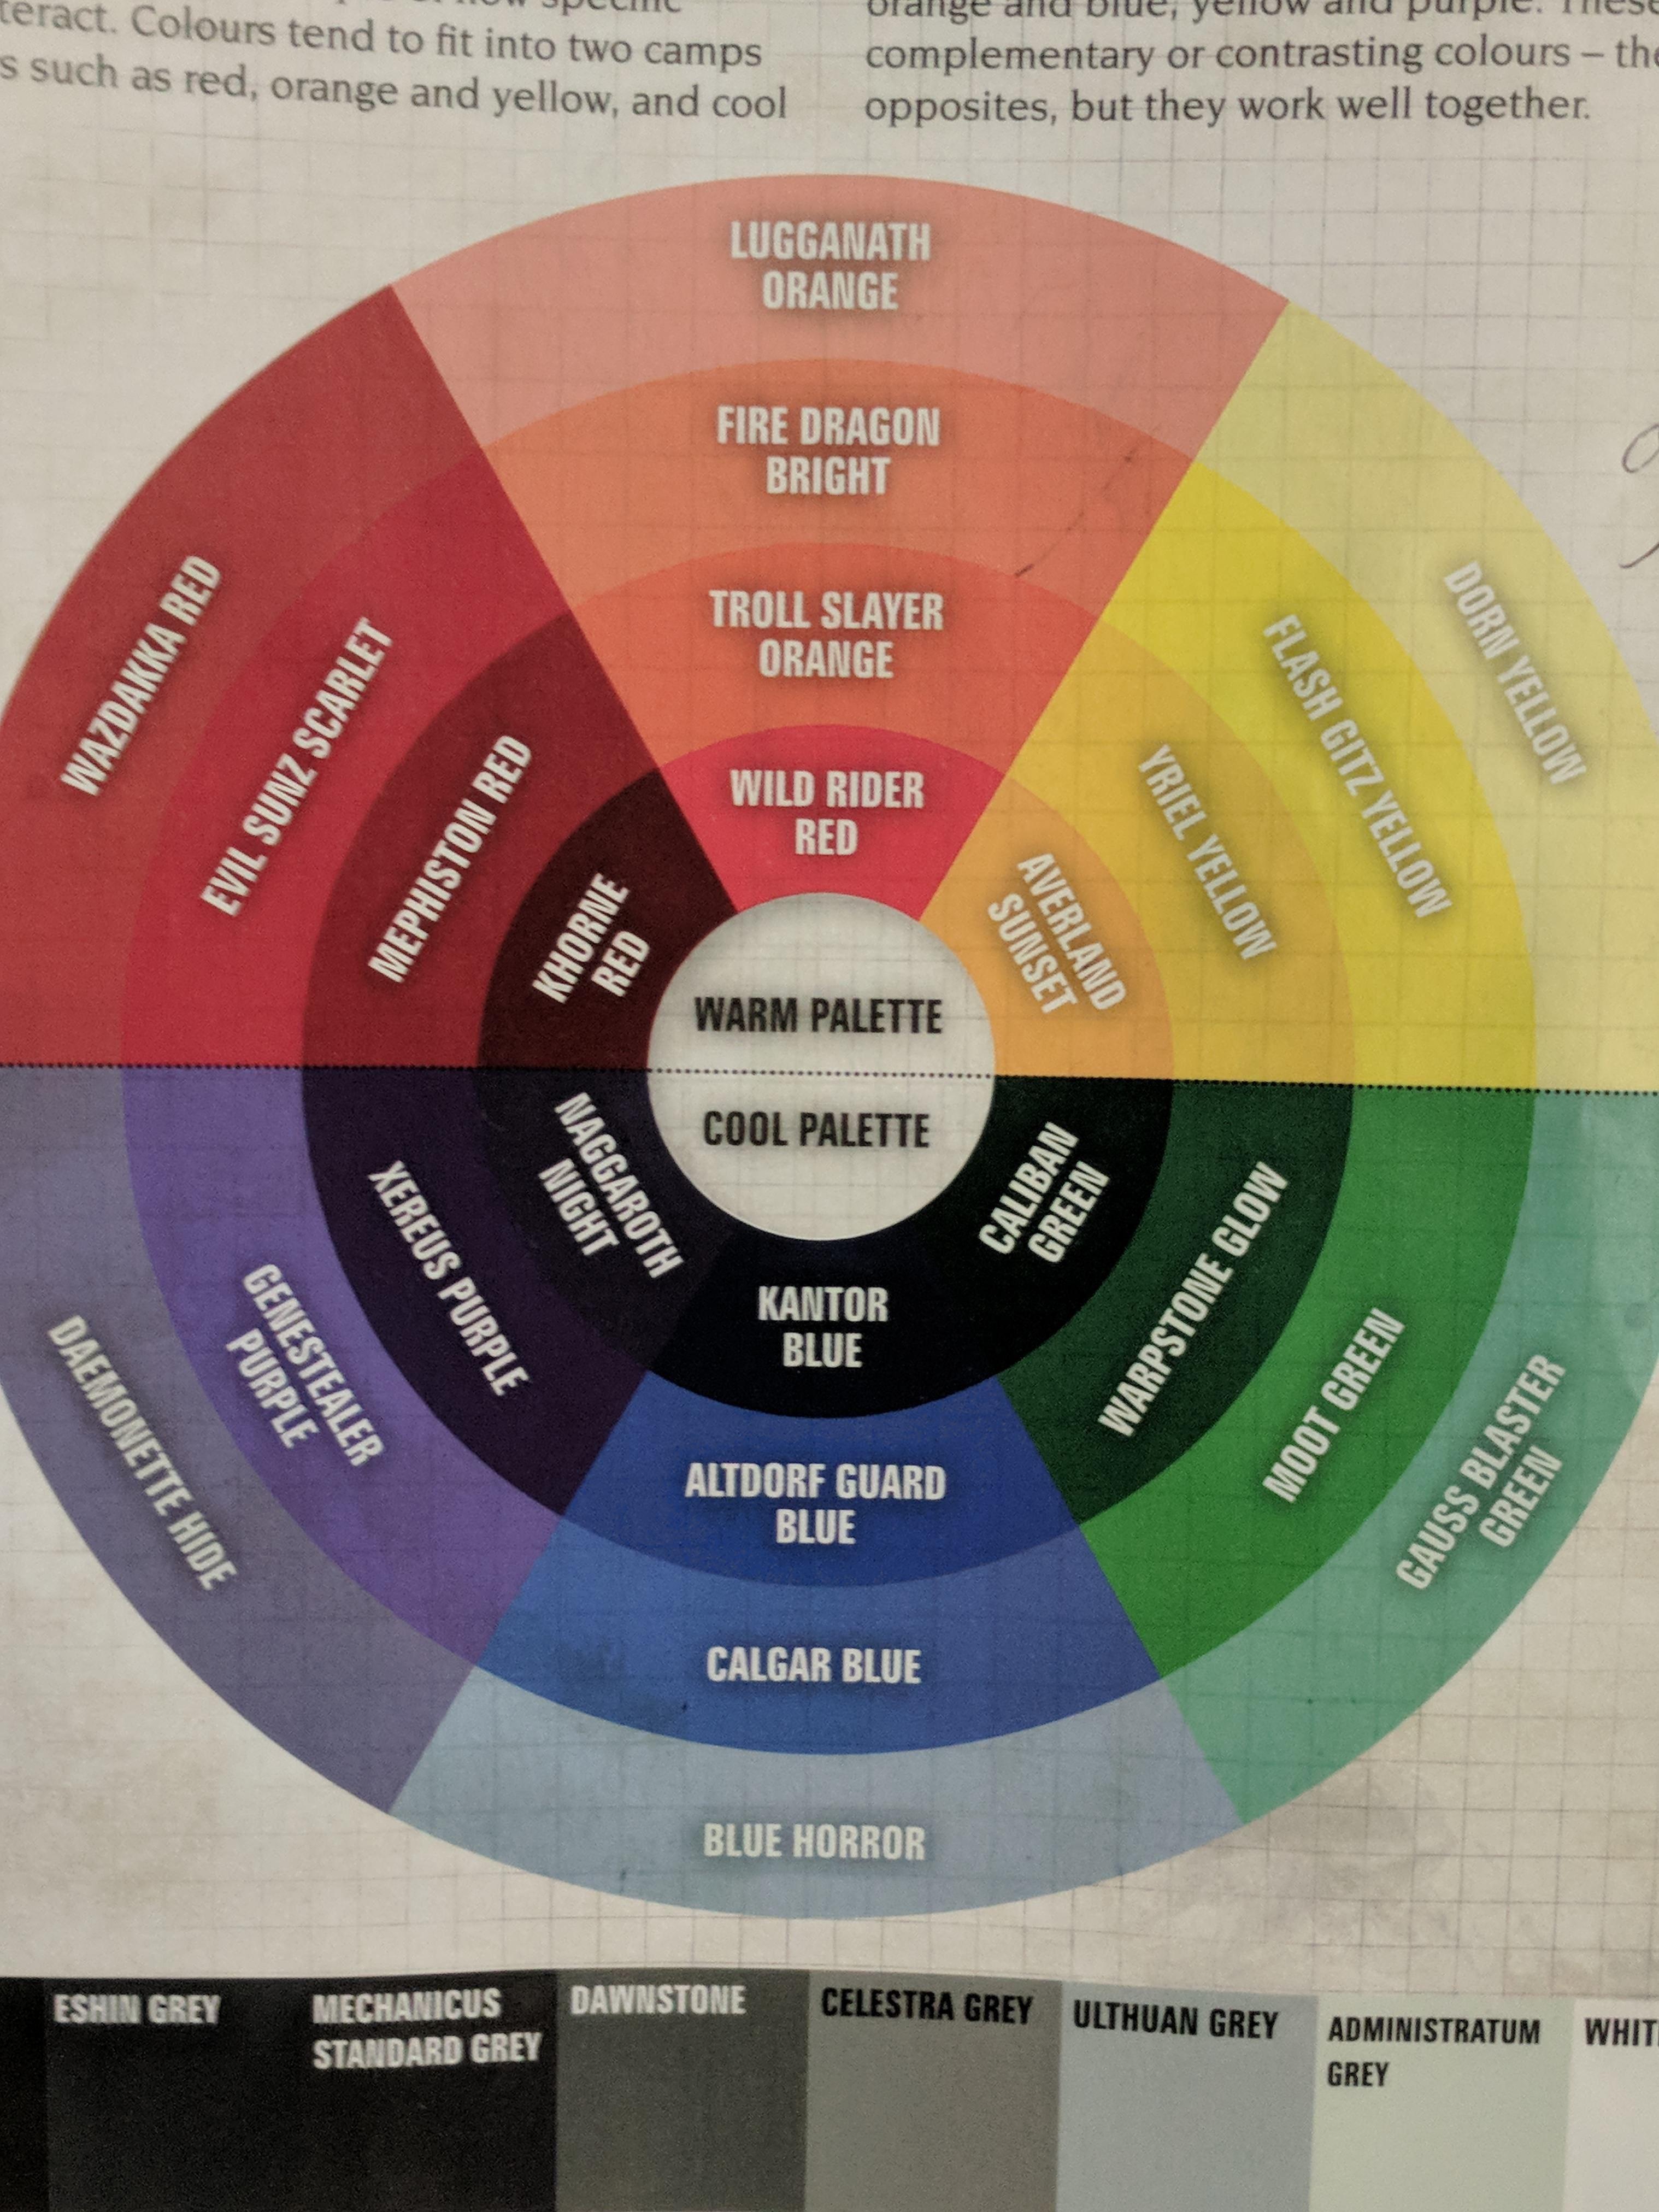 Citadel Paints On Color Wheel Paint Color Wheel Miniature Painting Paint Charts